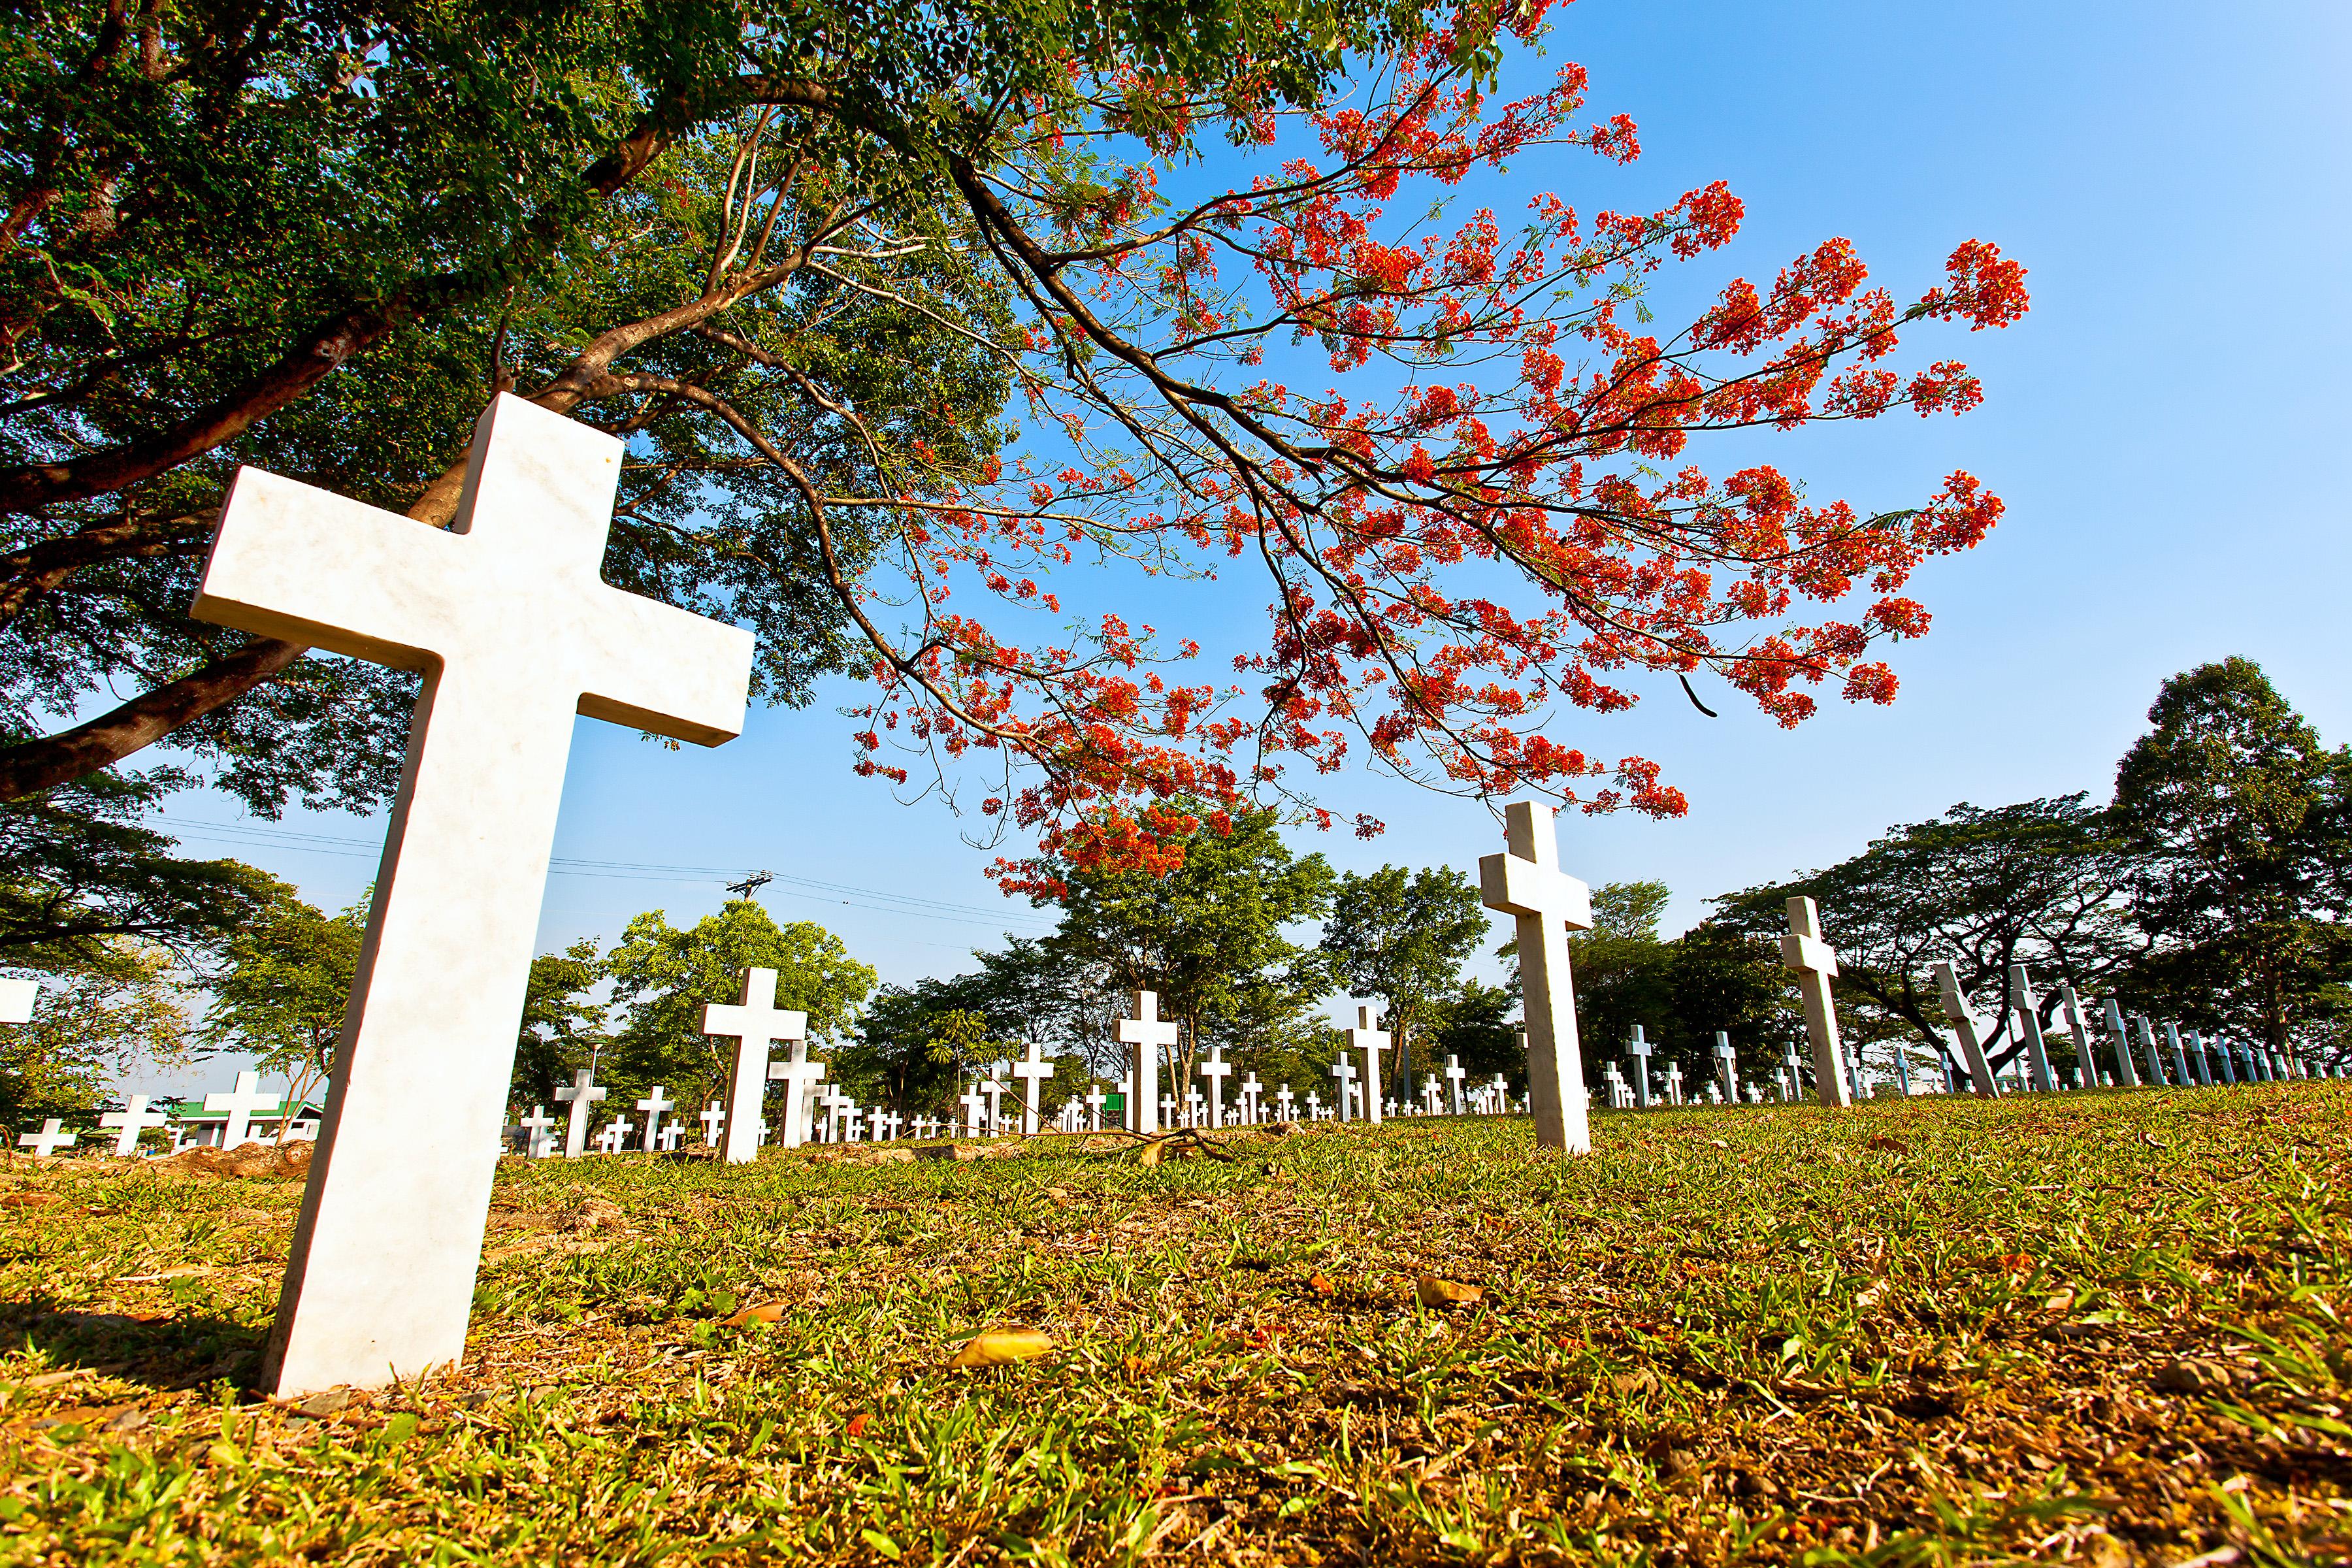 Libingan ng mga Bayani (Heroes' Cemetery). (Photo by RJCabagnot - Own work, CC BY-SA 3.0.)